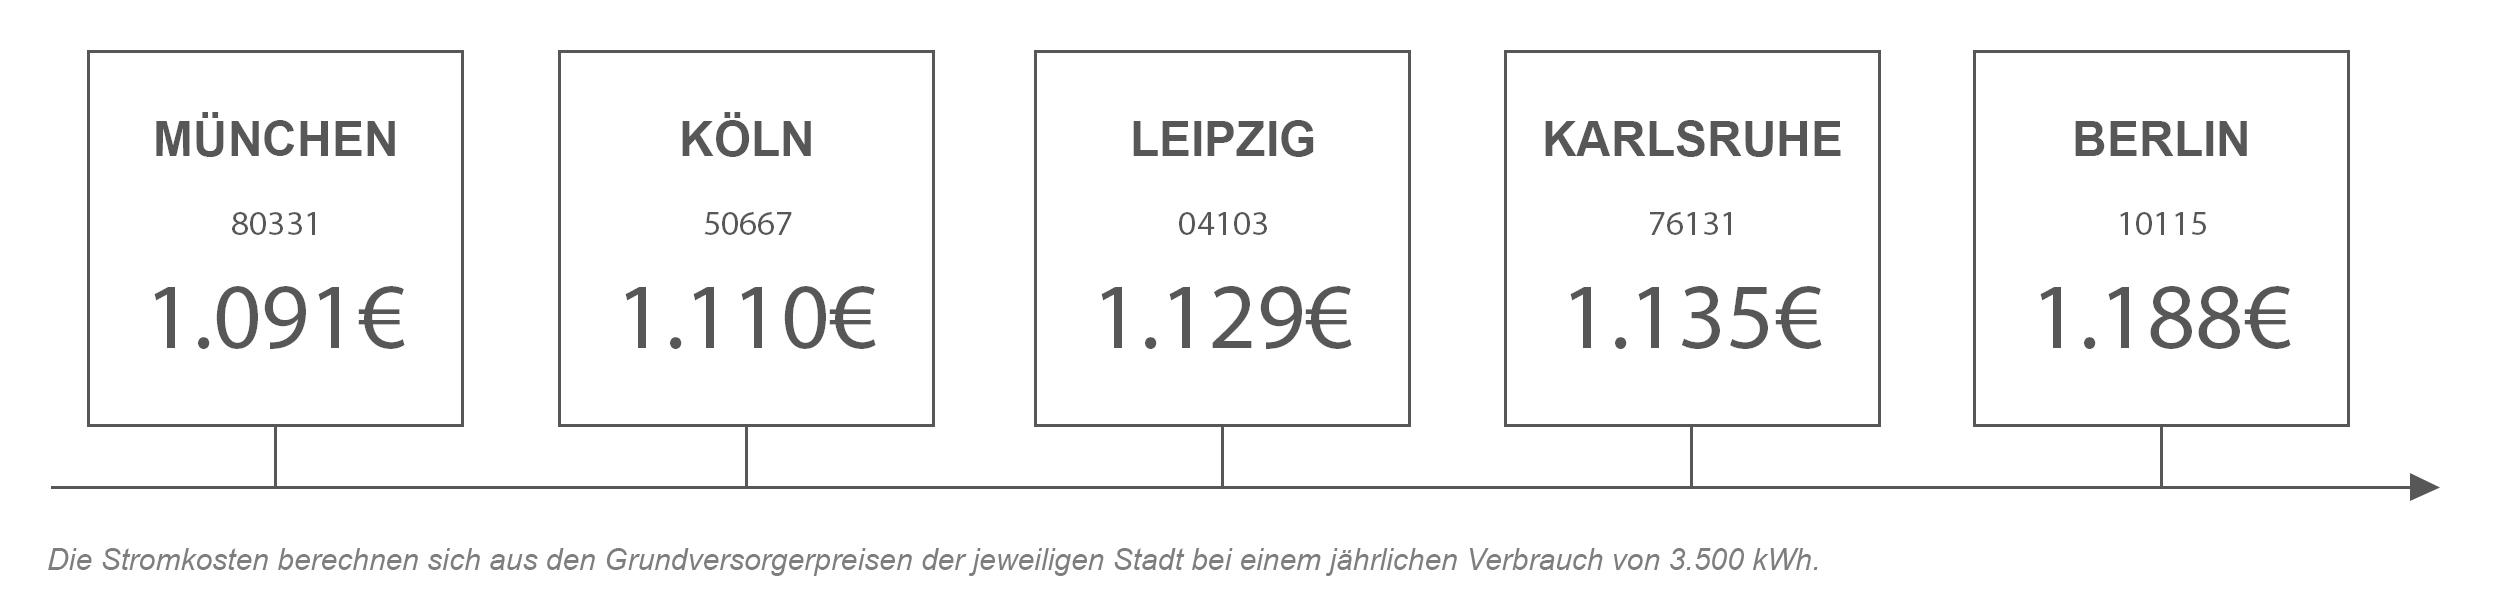 Strompreisvergleich von Karlsruhe mit anderen Städten